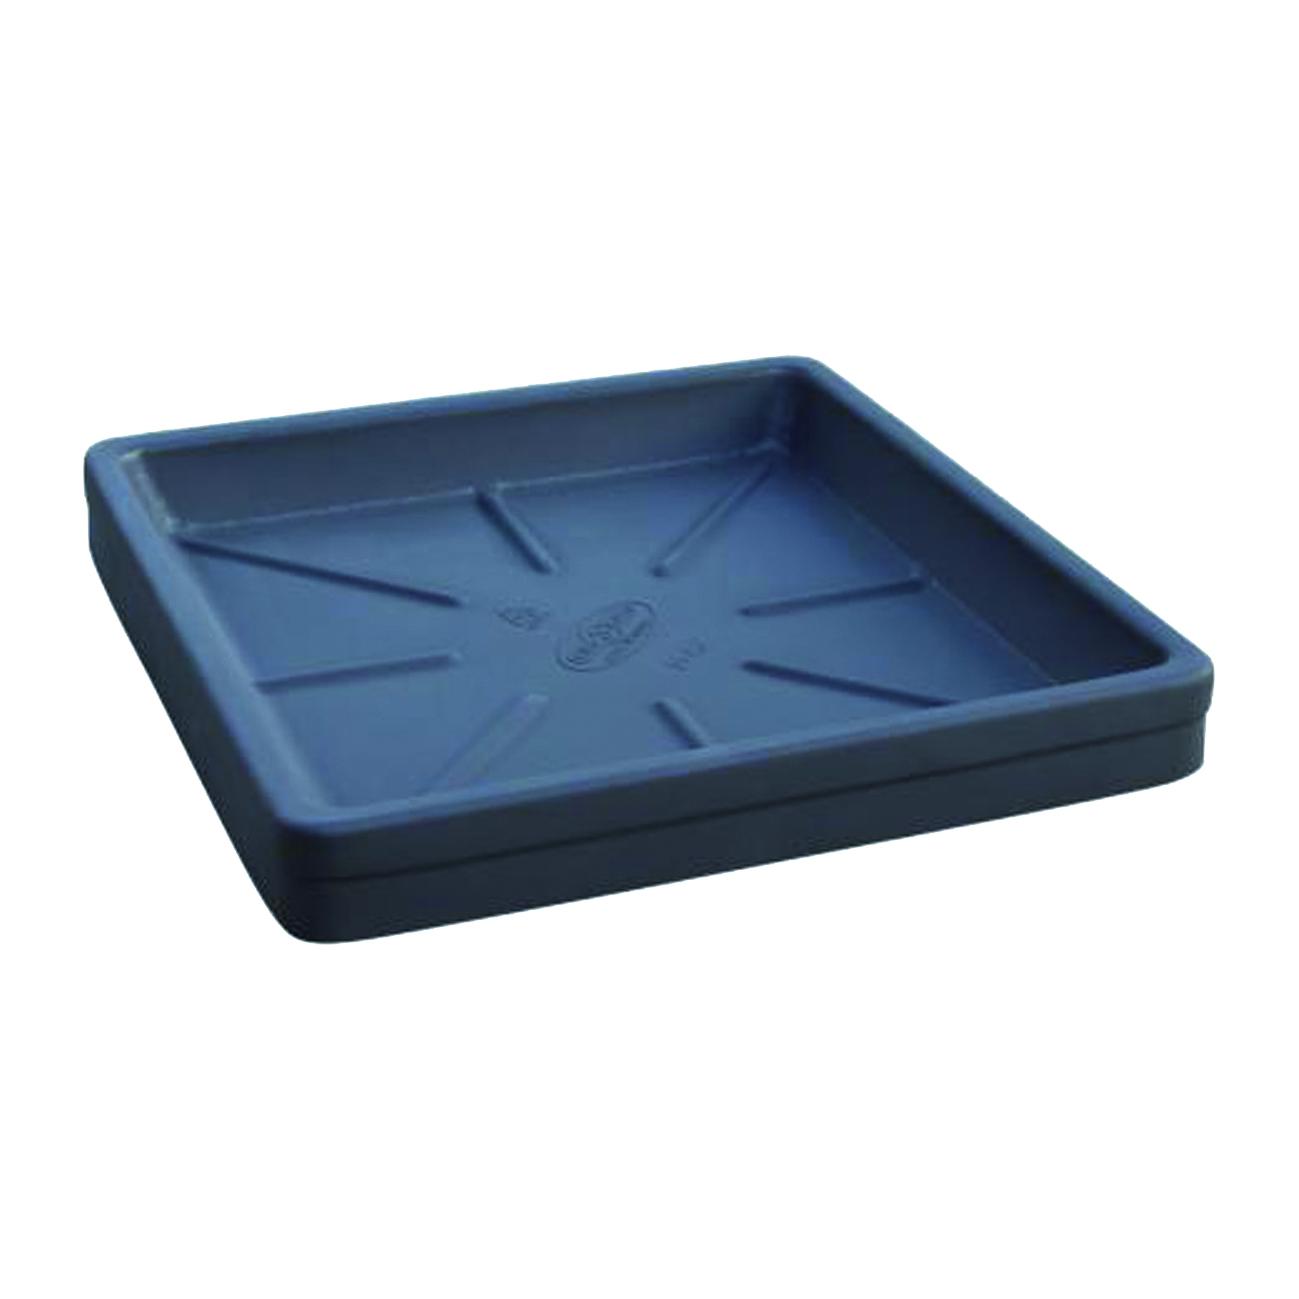 Sottovaso Neze in plastica color nero H 5.2 x L 42 x P 42 cm